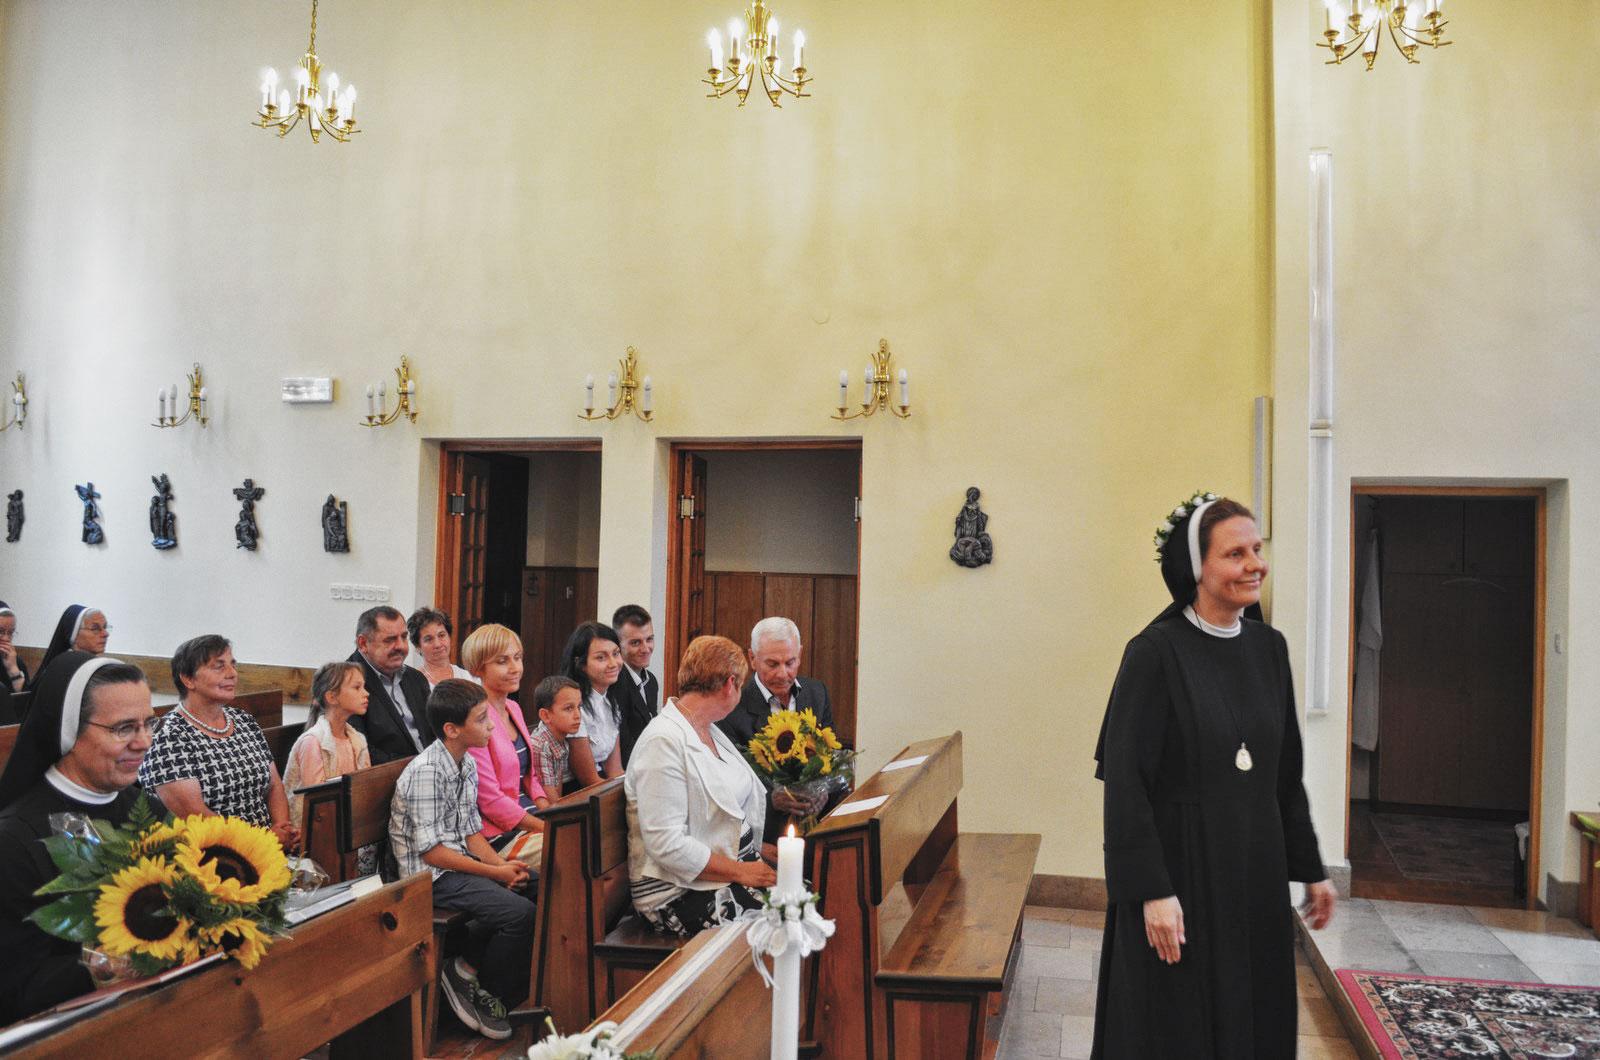 Sióstr_św_Elżbiety-Pierwsze_Śluby_fotorelacja-I-SLUBY-DSC_0596-min.jpg